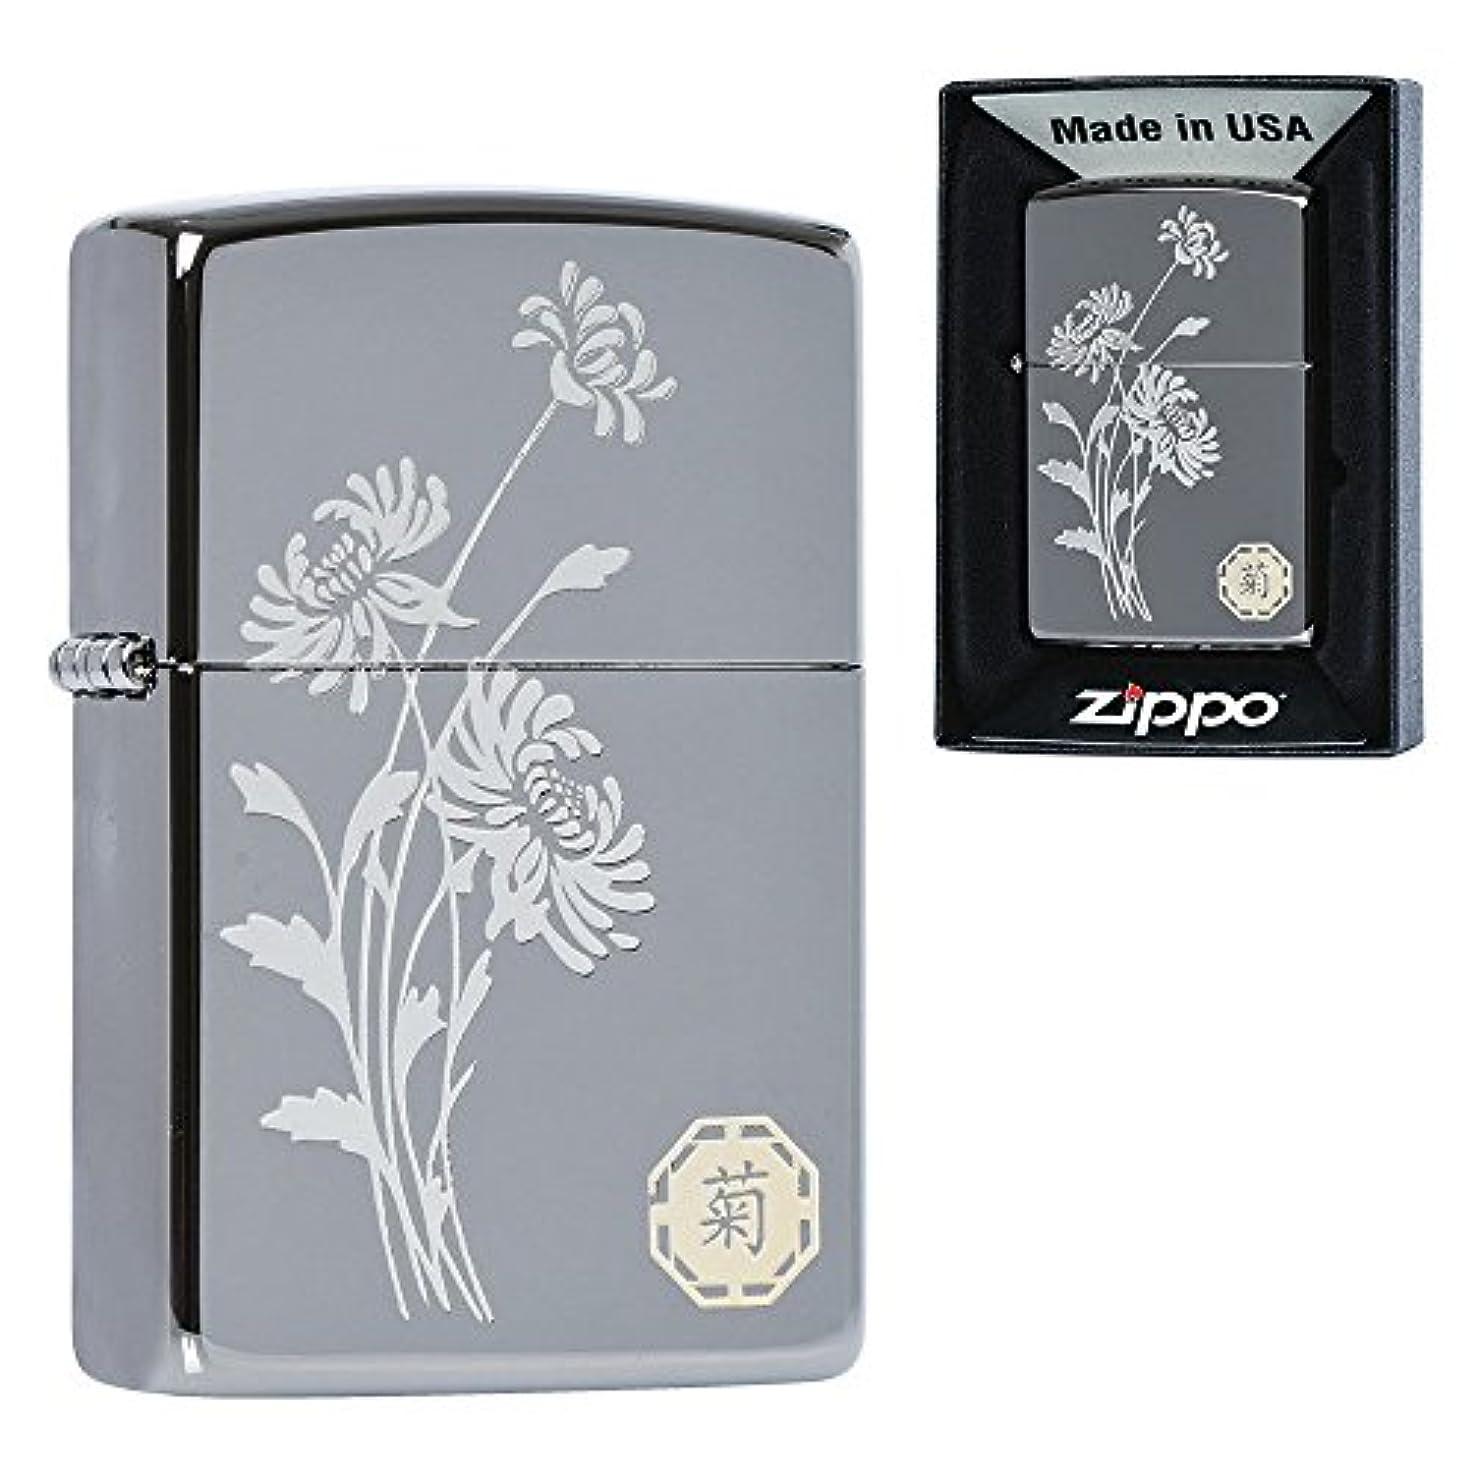 スケルトン雹電球Zippo Neo Chrysanthemum Lighters メイドインアメリカの韓国版 [並行輸入品]